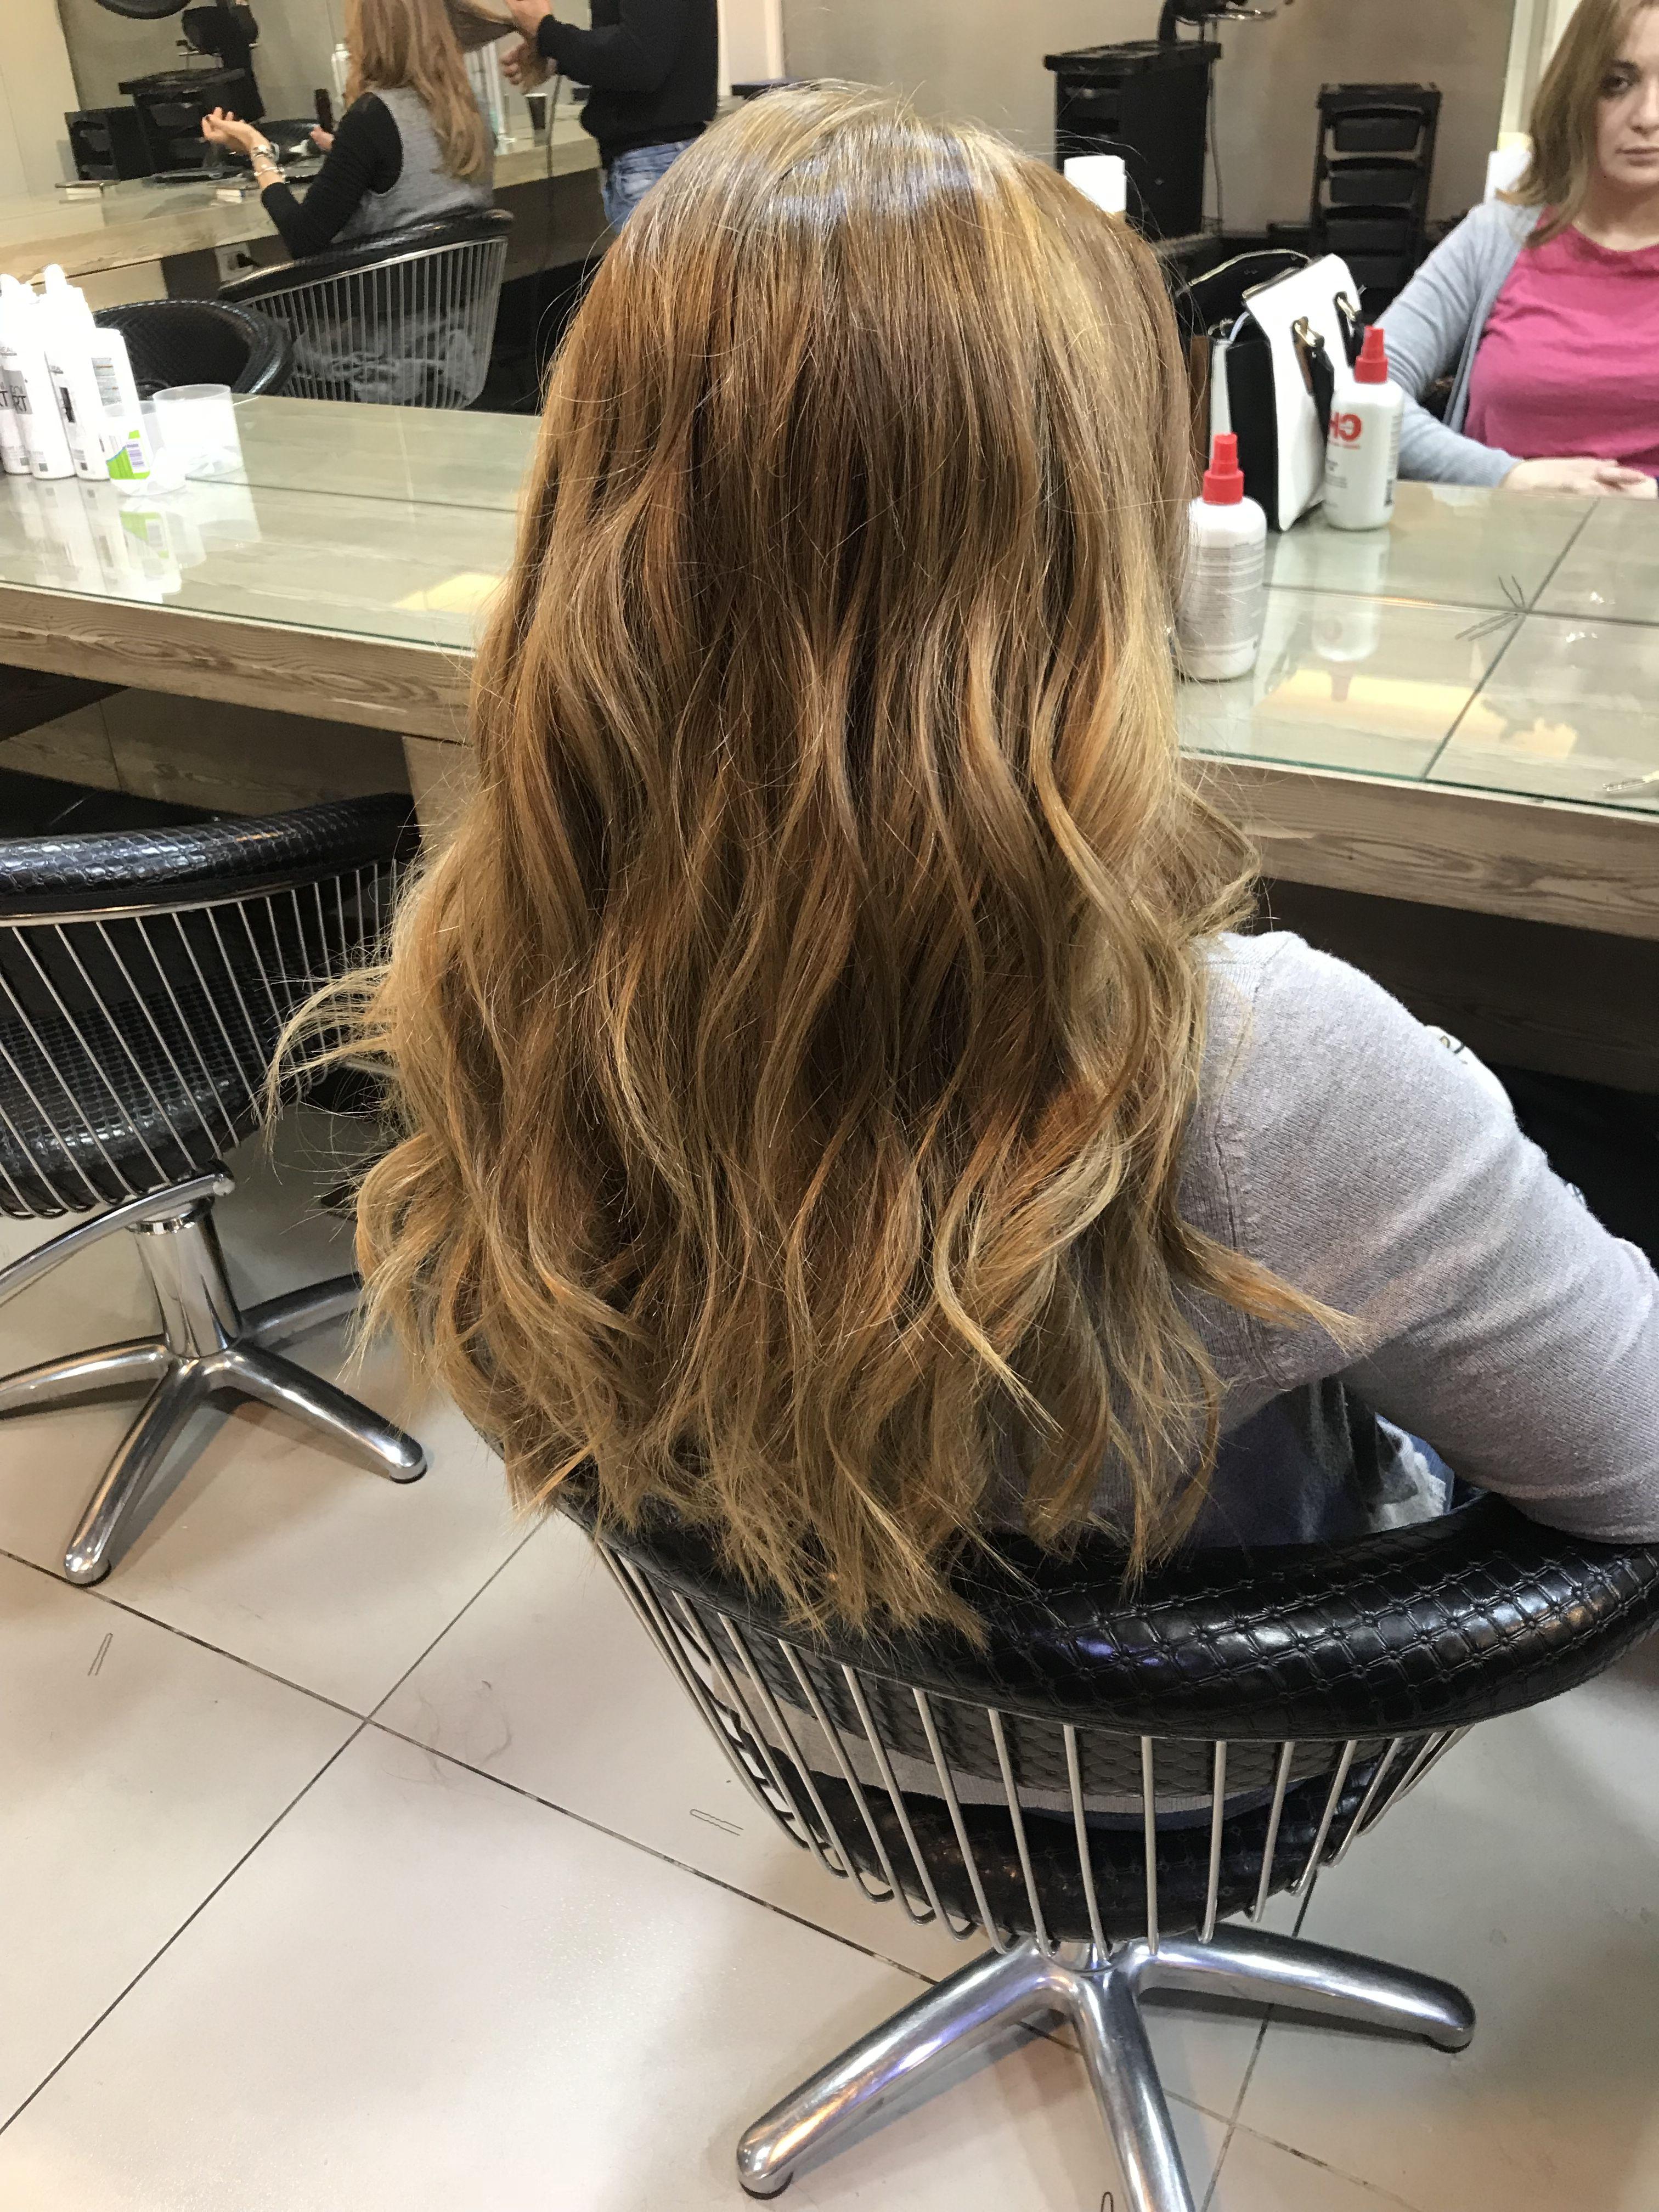 Full balayage hair Color By rafidaham haircoloring